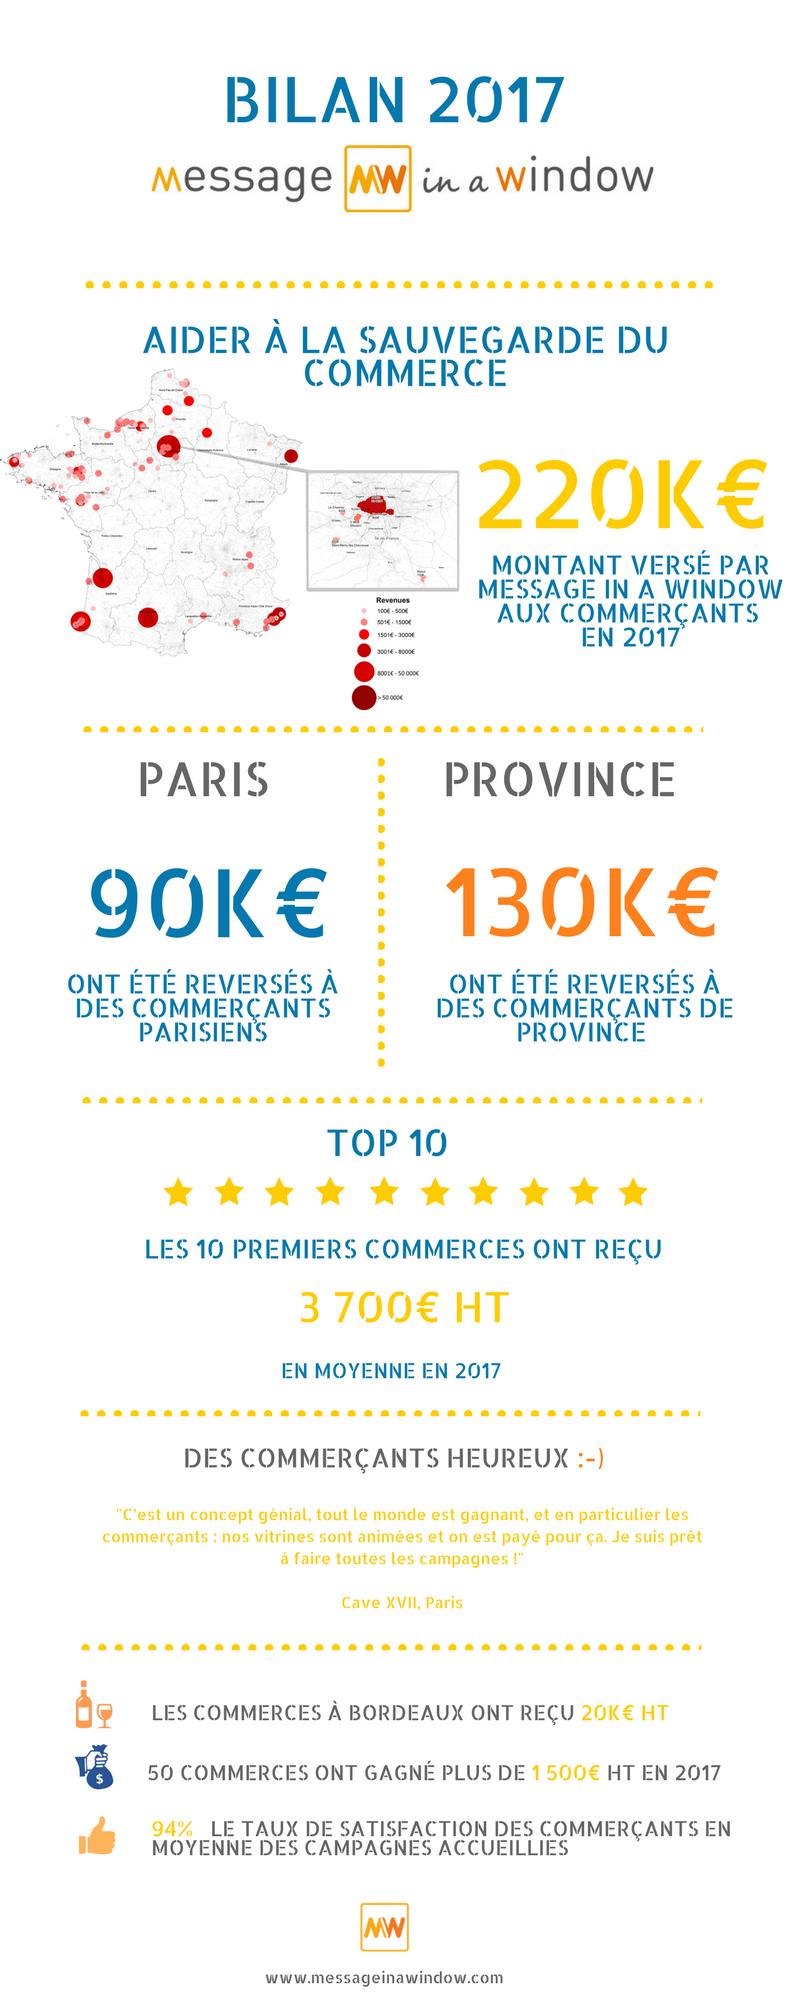 Infographie Bilan 2017 MW